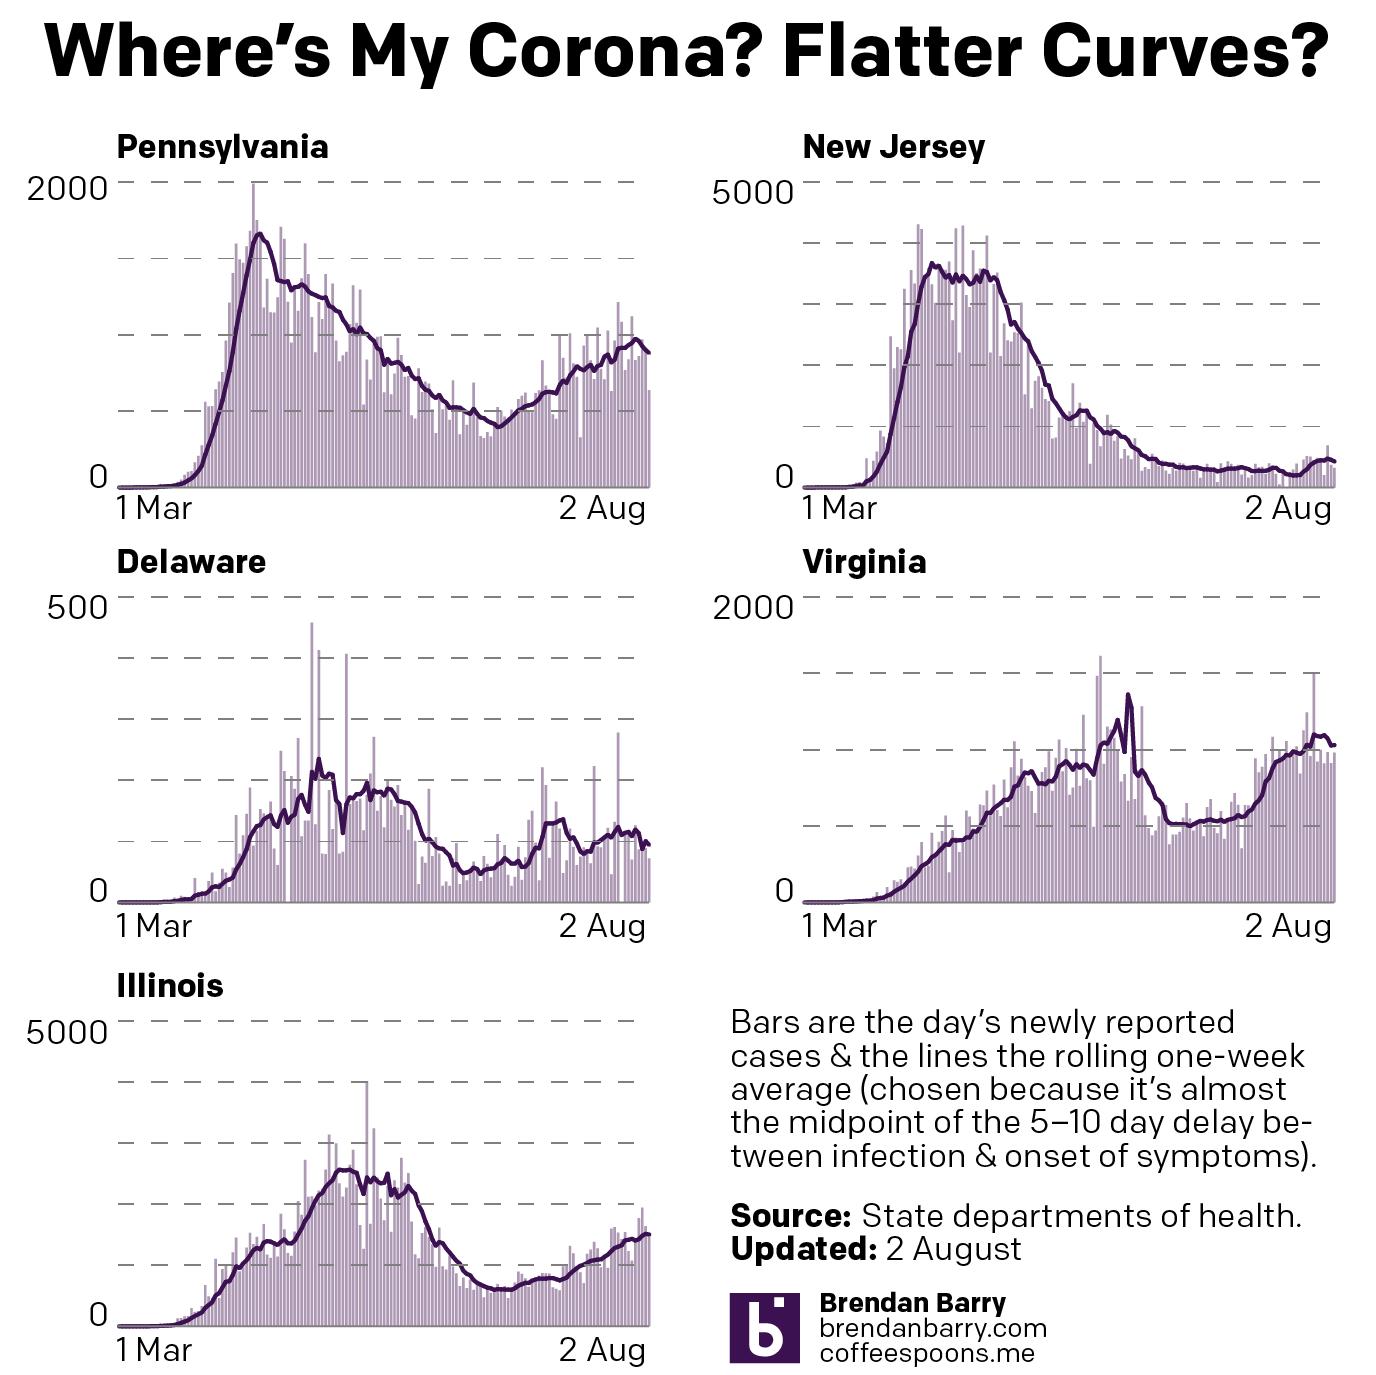 The Covid-19 curves for PA, NJ, DE, VA, and IL